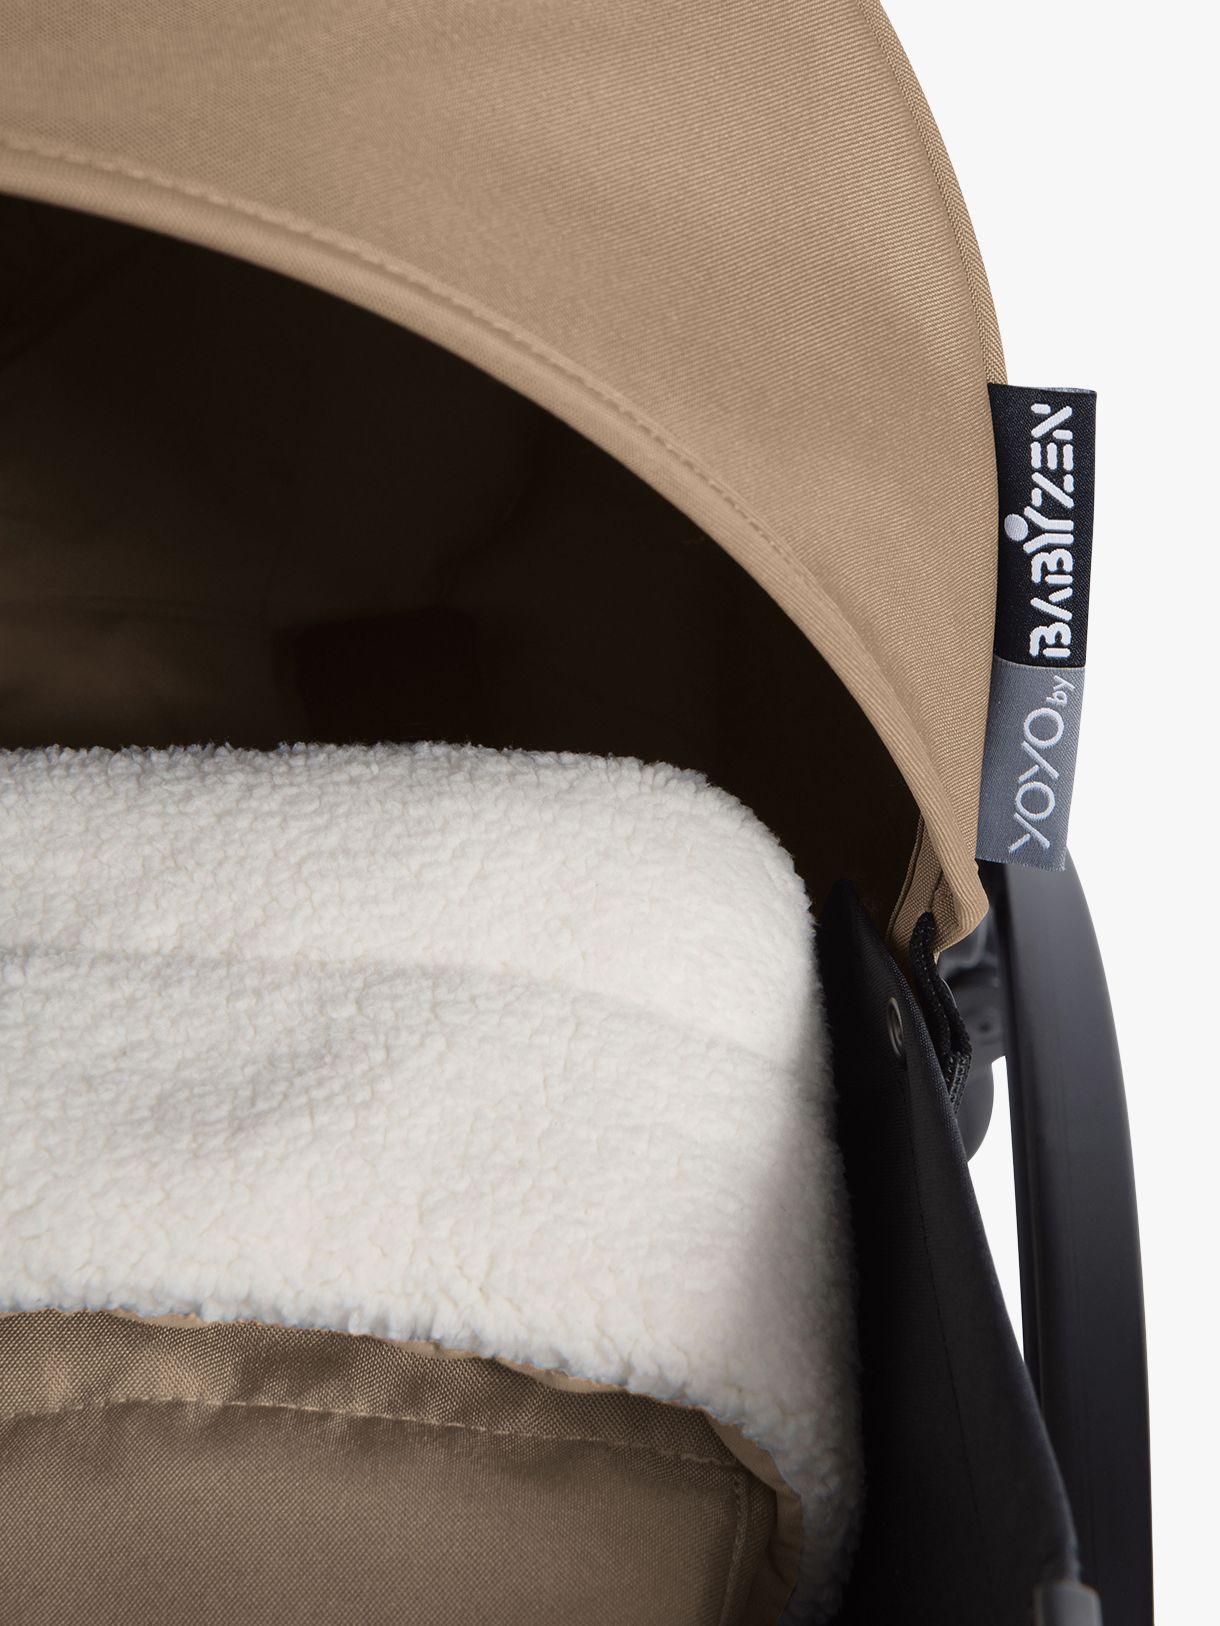 BABYZEN YOYO+ Newborn Pack Packing, Signature design